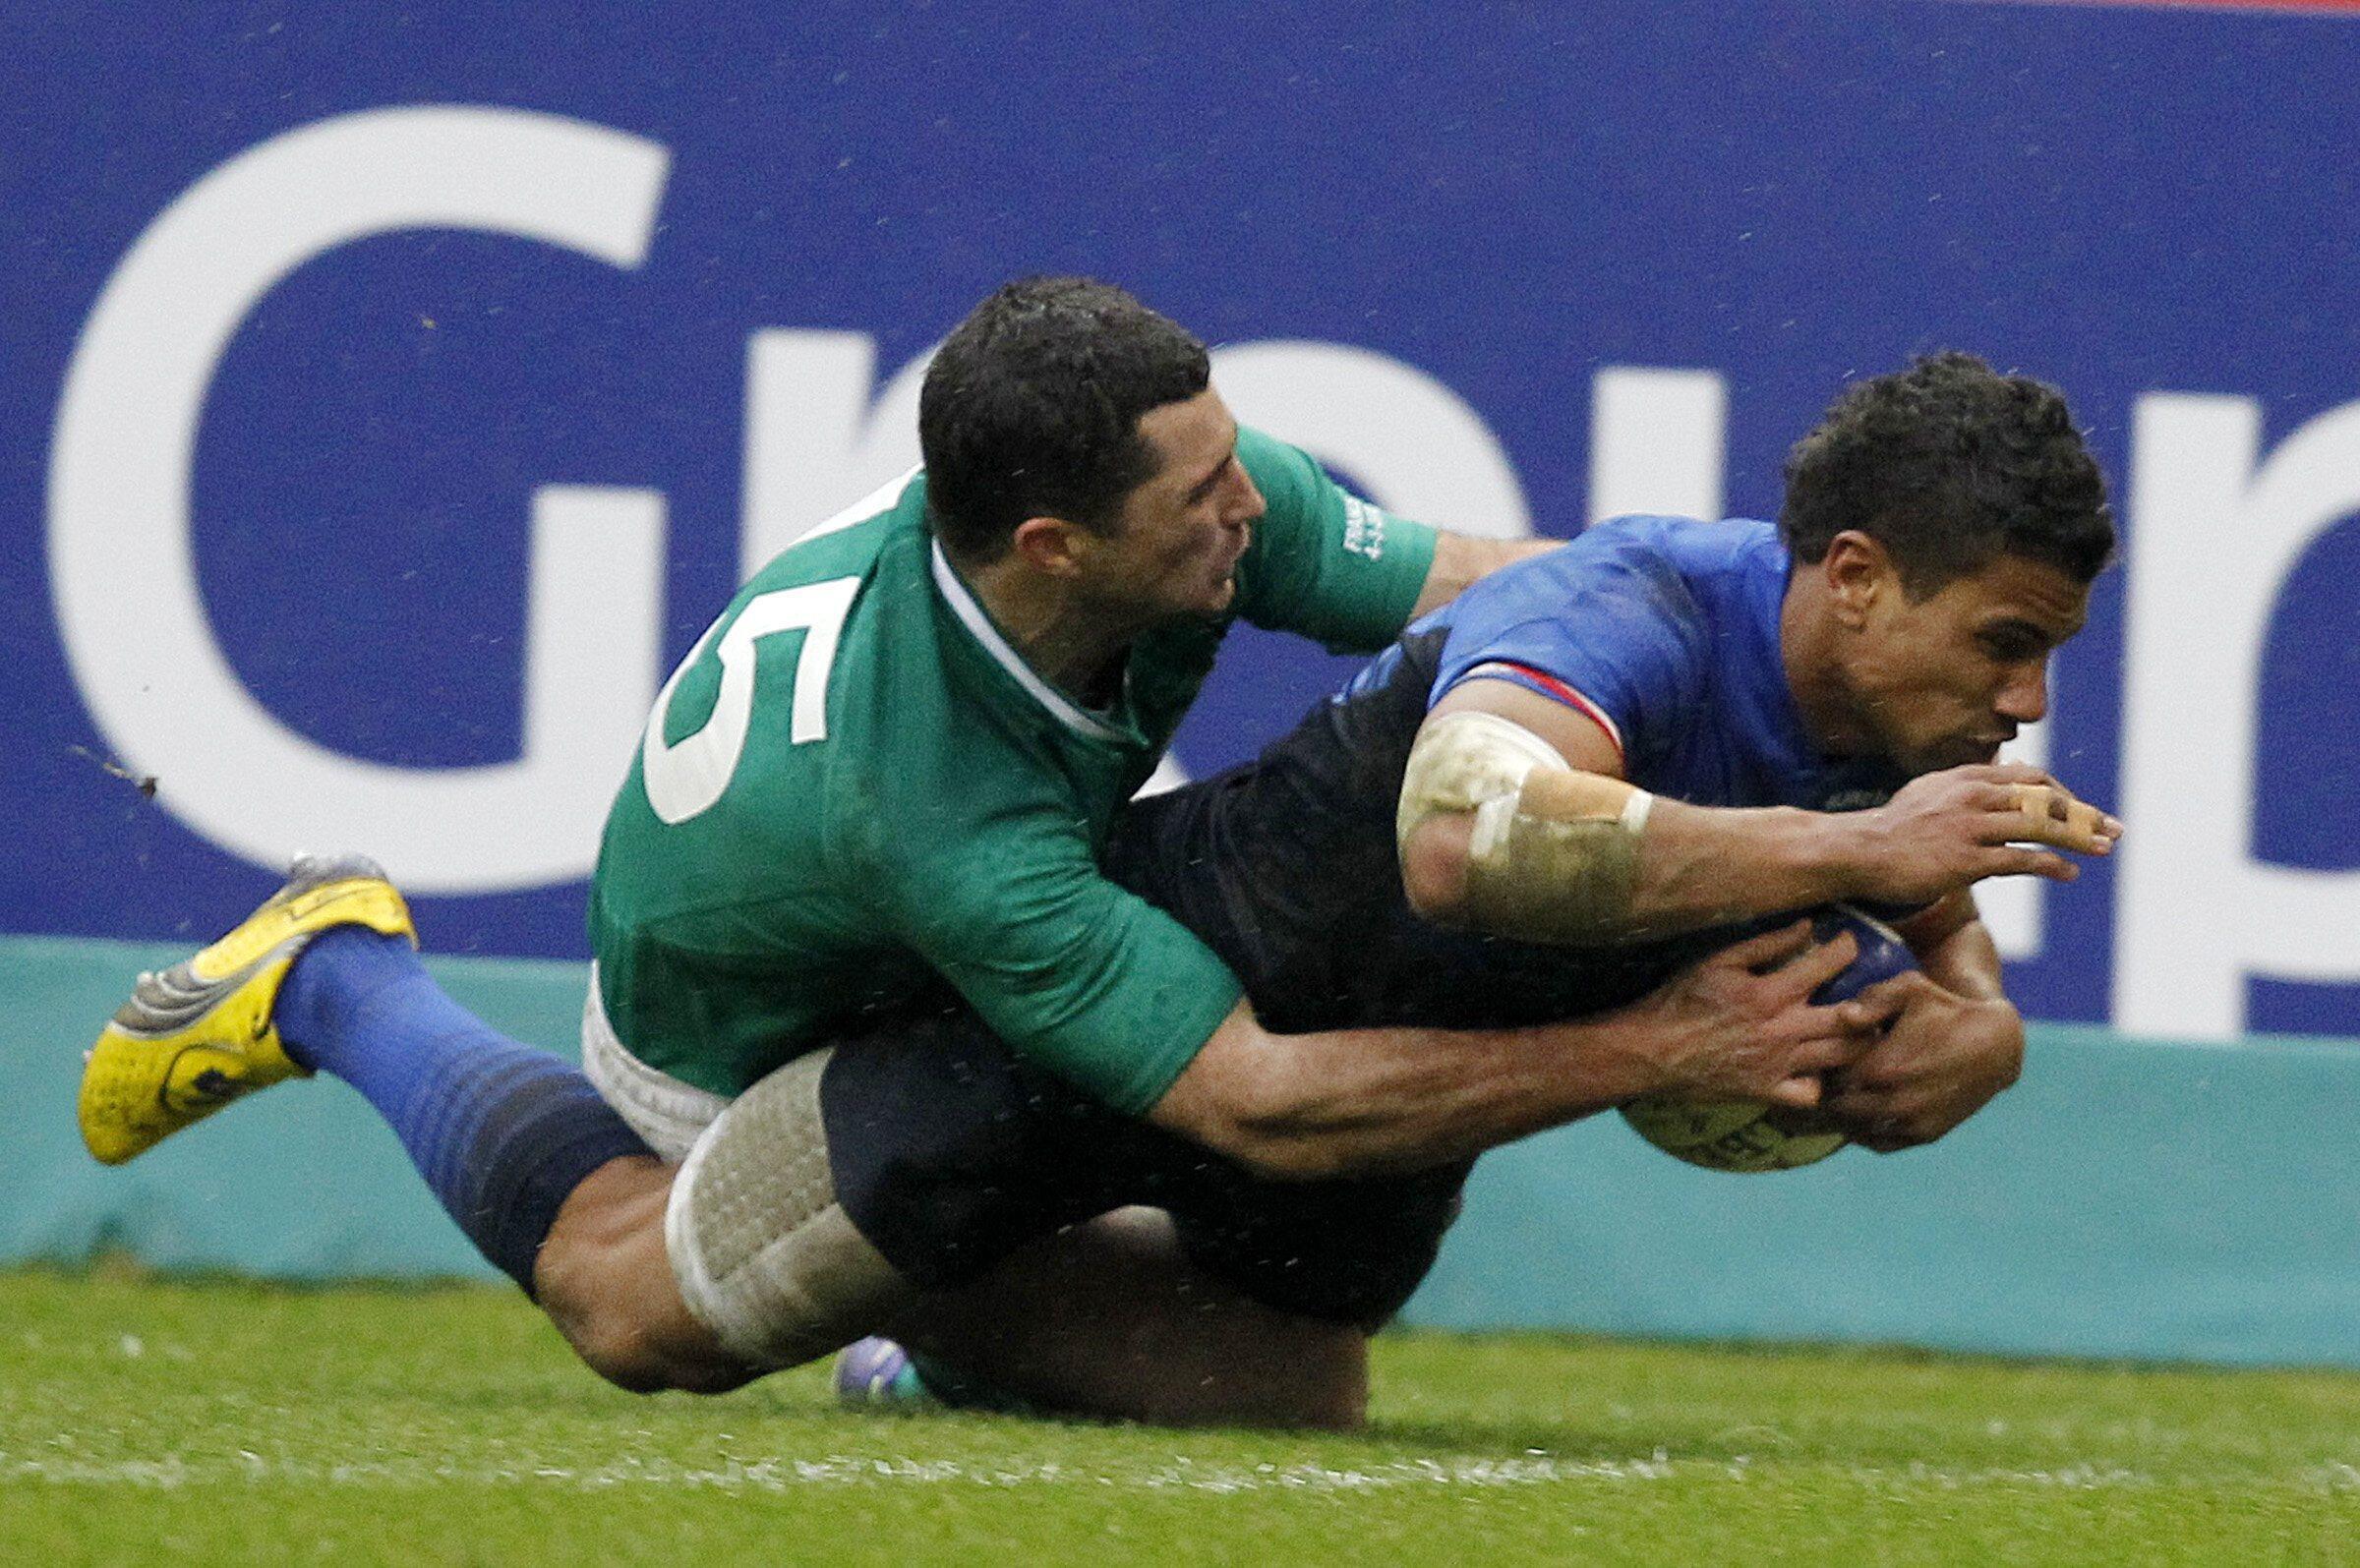 Wesley Fofana (à droite) réussit un essai mais le XV de France fait match nul 17-17 face à l'Irlande.